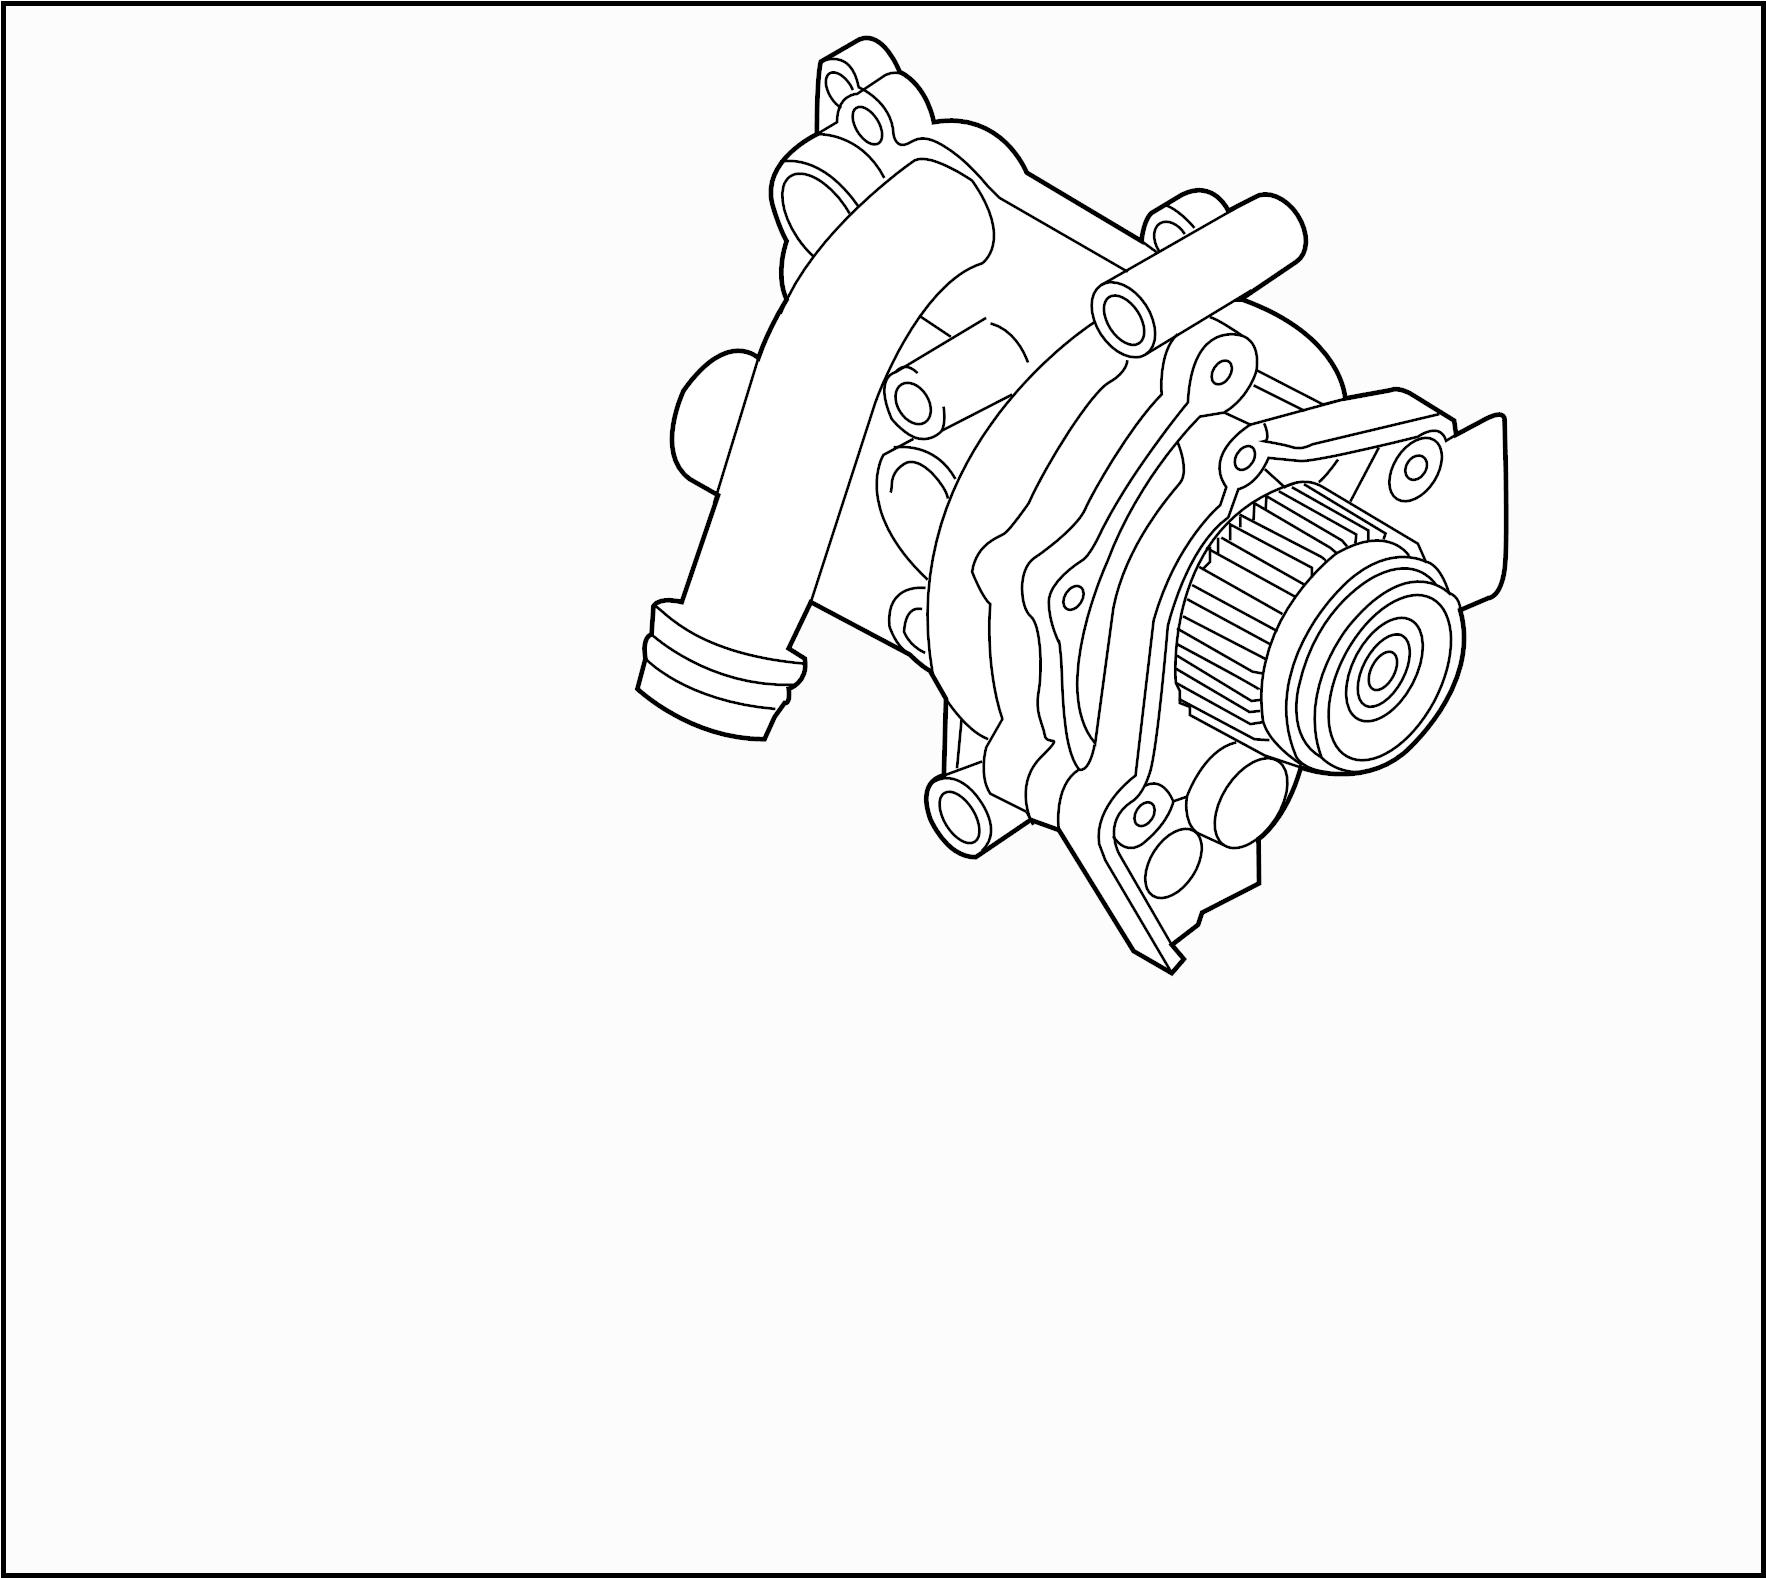 Volkswagen Jetta Engine Water Pump Assembly